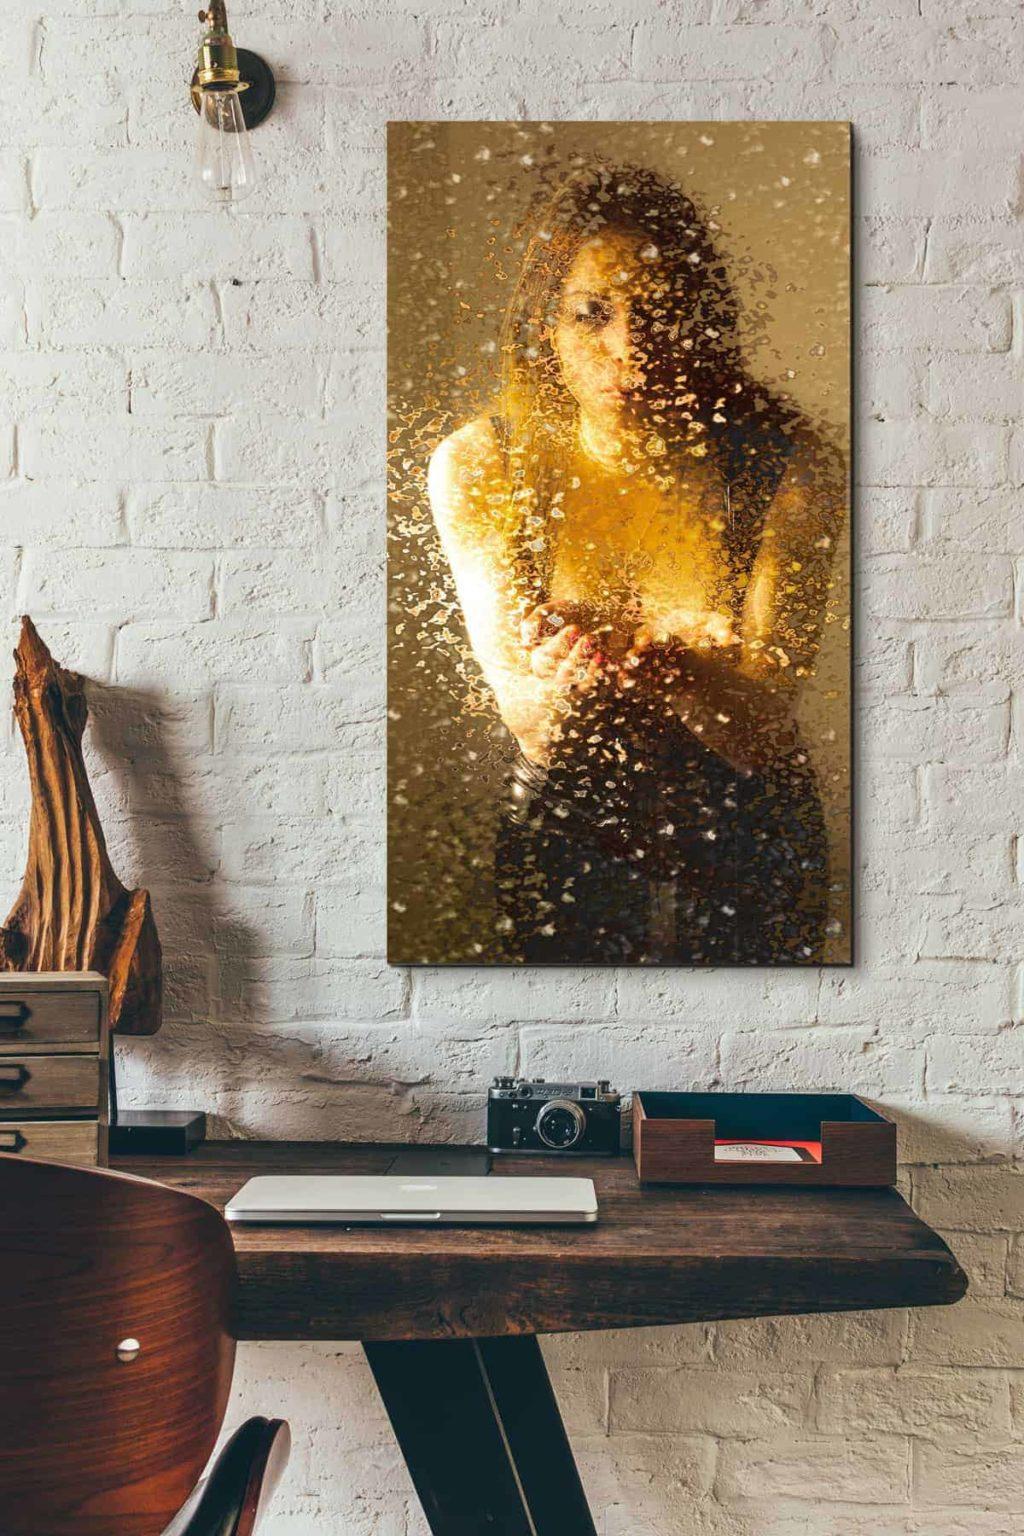 Photographie d'art contemporain l'artiste Paradox'Art